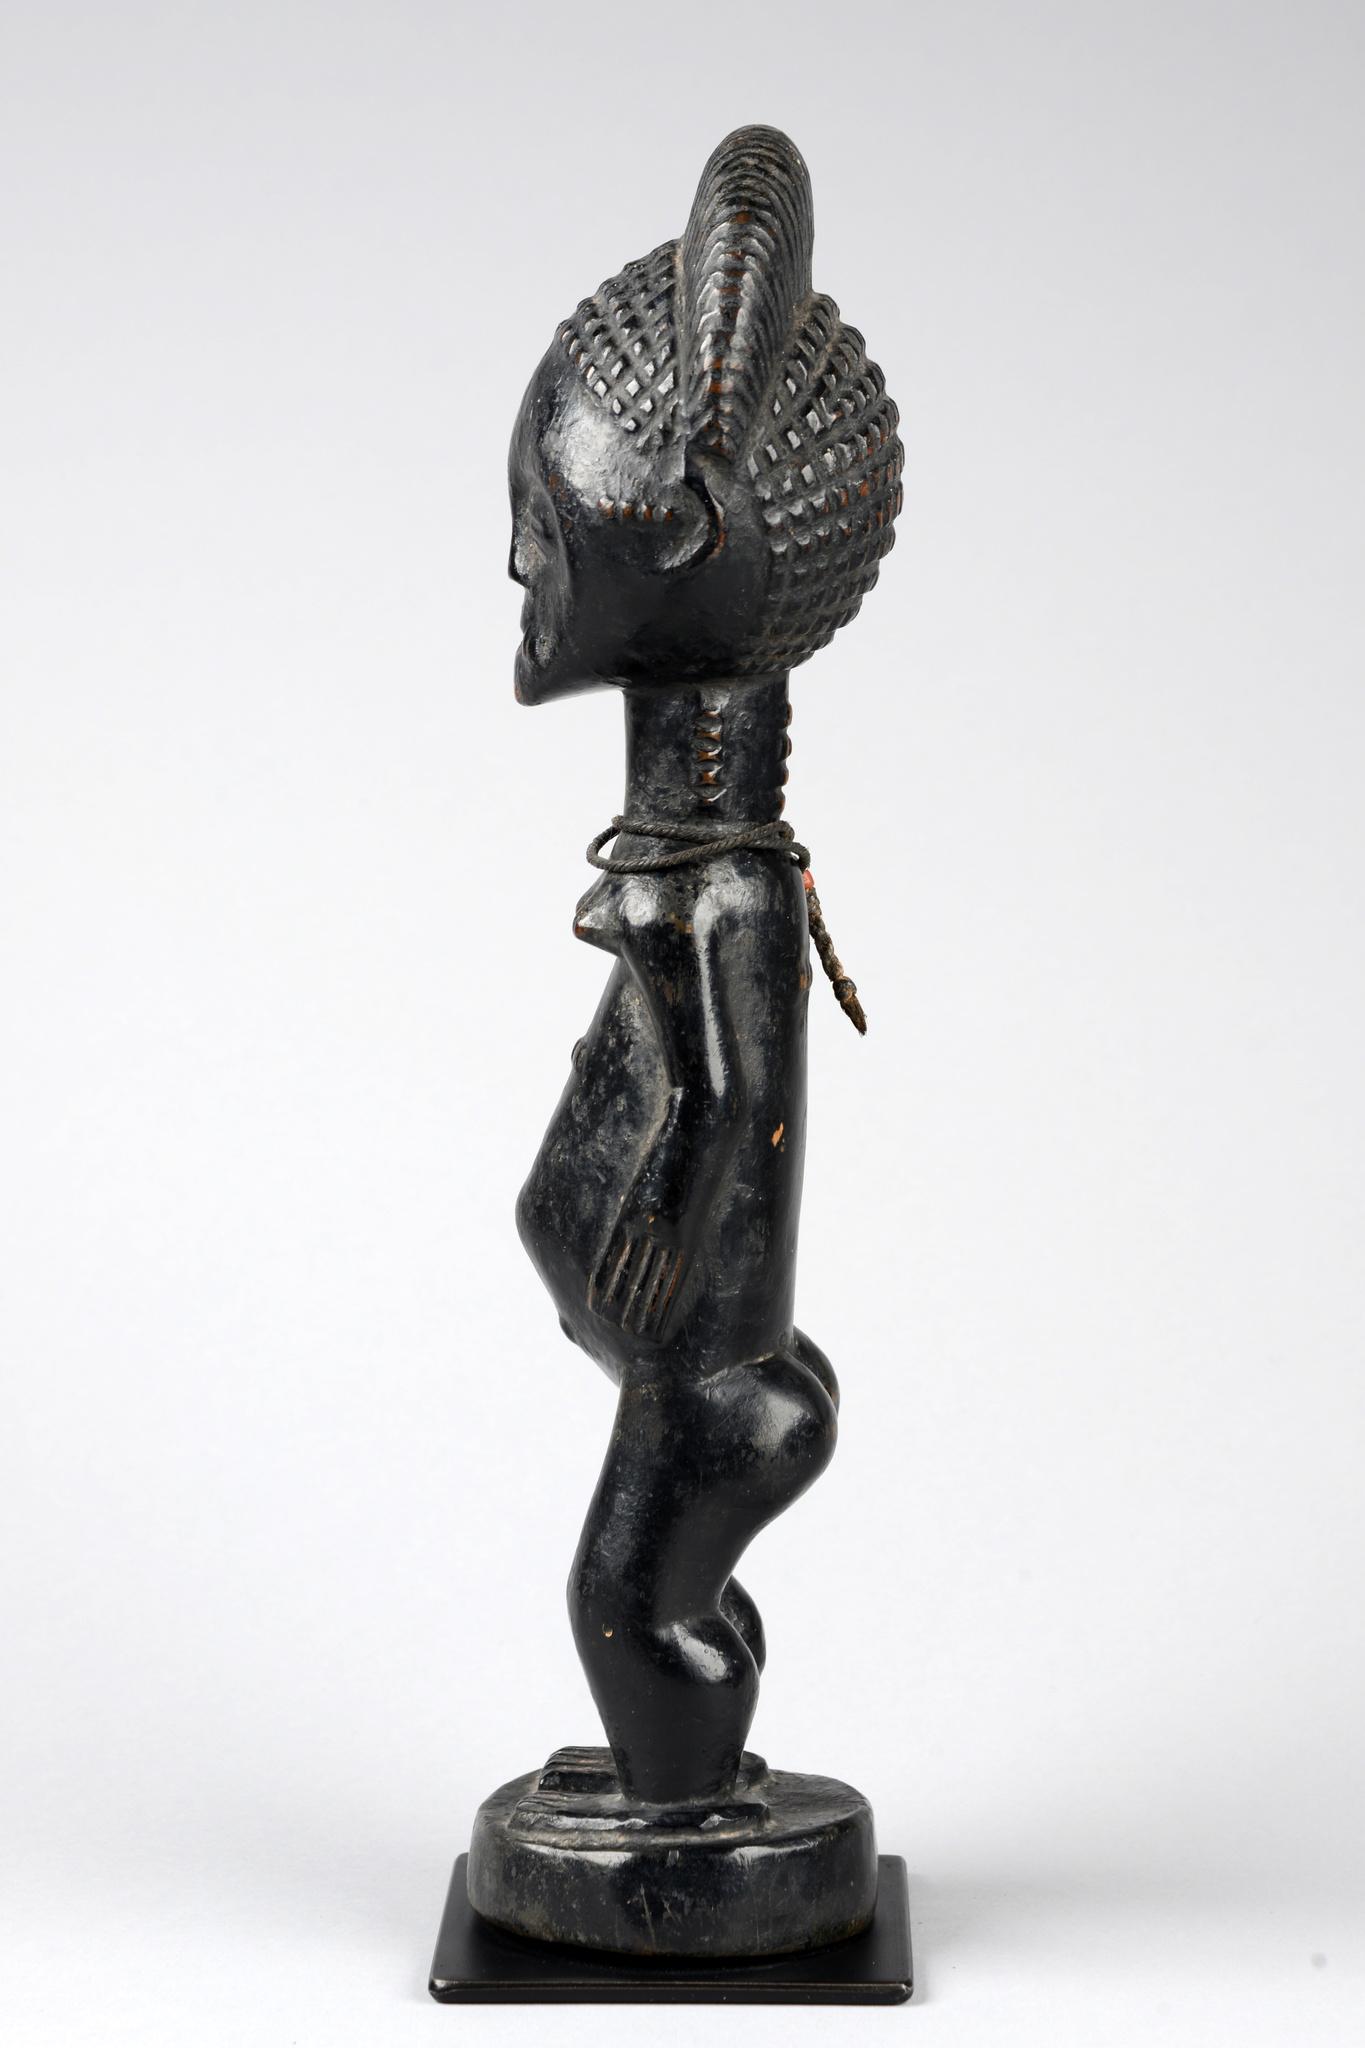 Stehende weibliche Figur